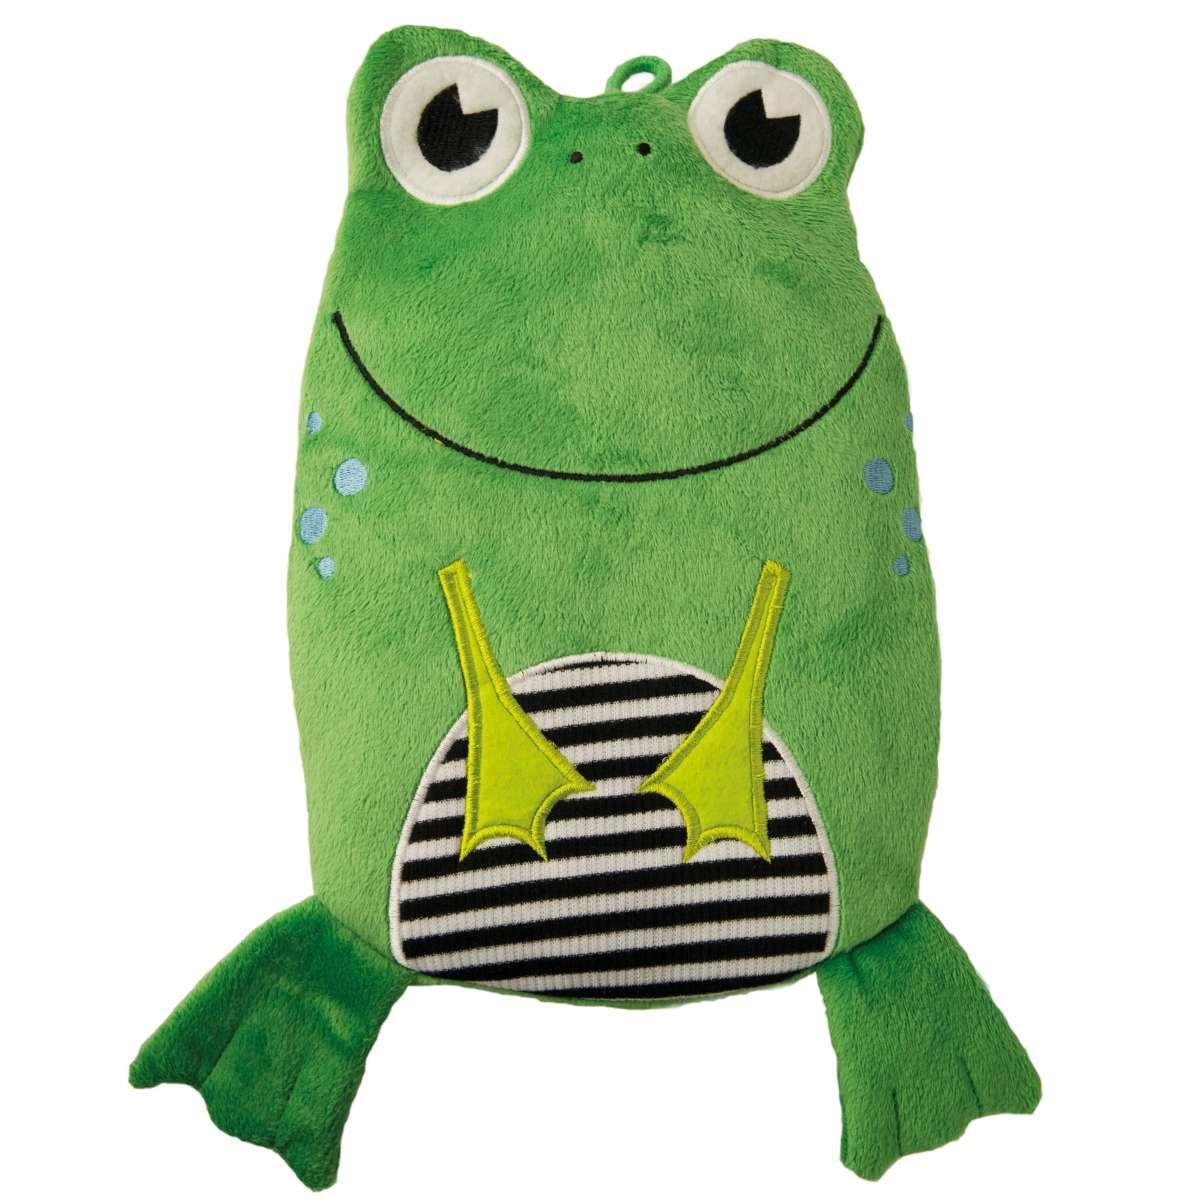 Kinder Oko Warmflasche Frosch Veloursbezug Grun Frosche Warmflasche Baby Design